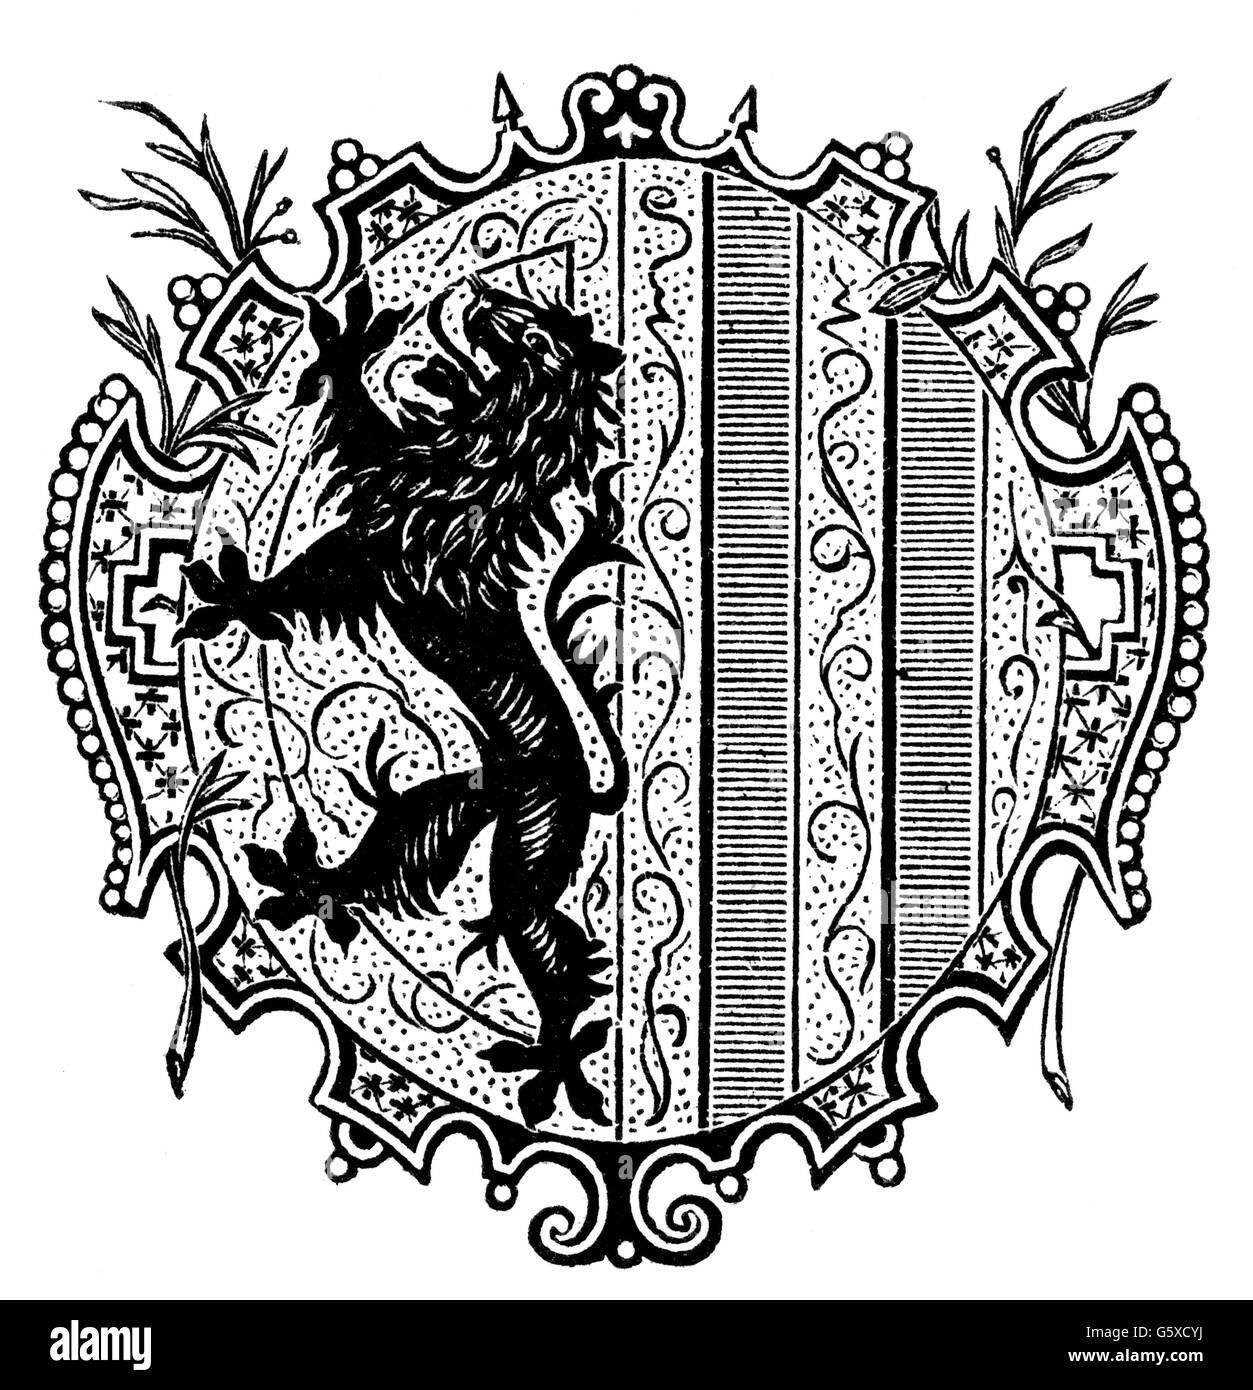 Heraldica Escudo De Armas Alemania Armas De La Ciudad Leipzig Grabado En Madera 1892 Derechos Adicionales Clearences No Disponible Fotografia De Stock Alamy